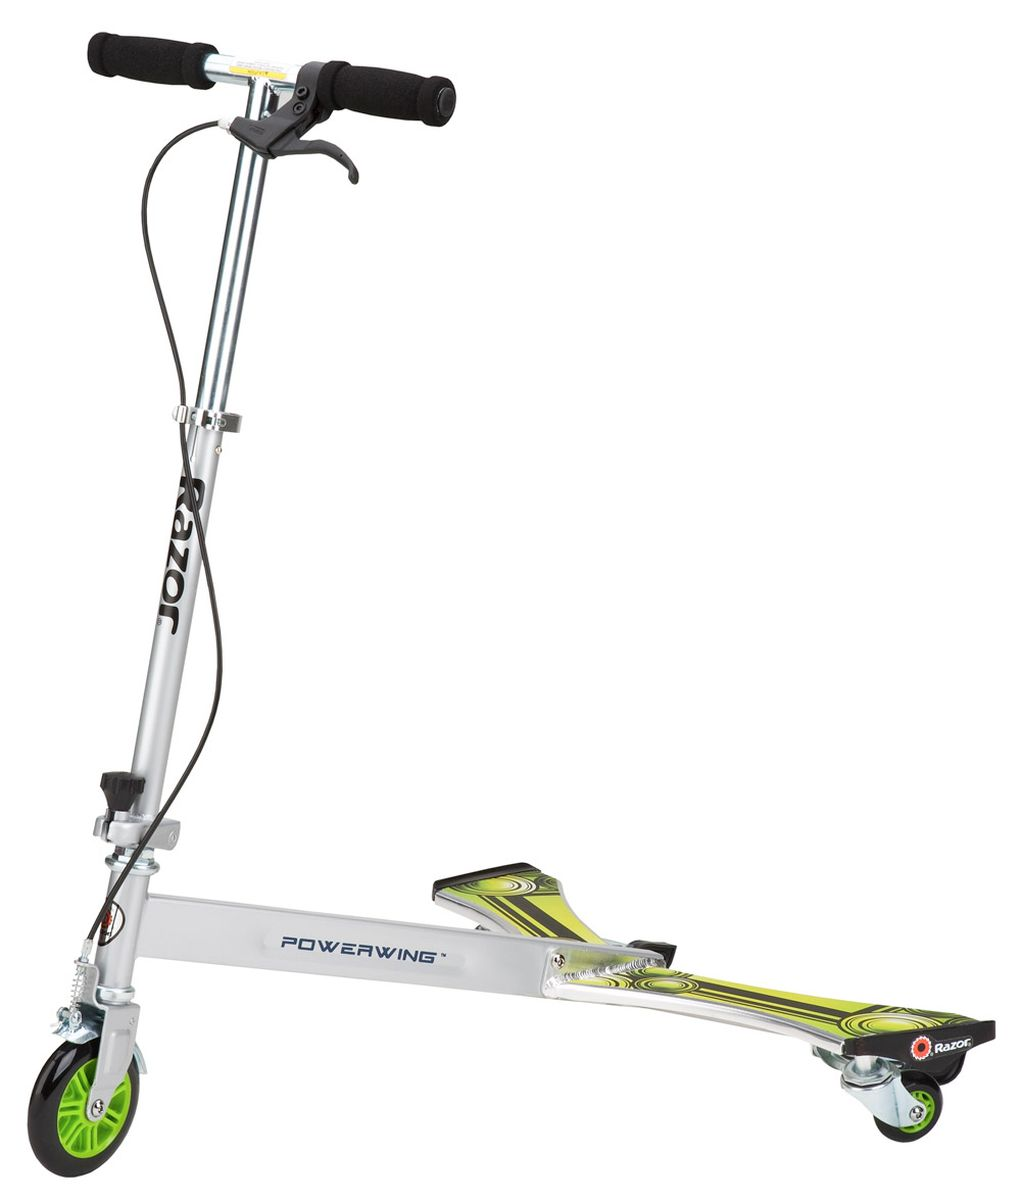 Самокат-тридер Razor Powerwing DLX, цвет: металлик, зеленый